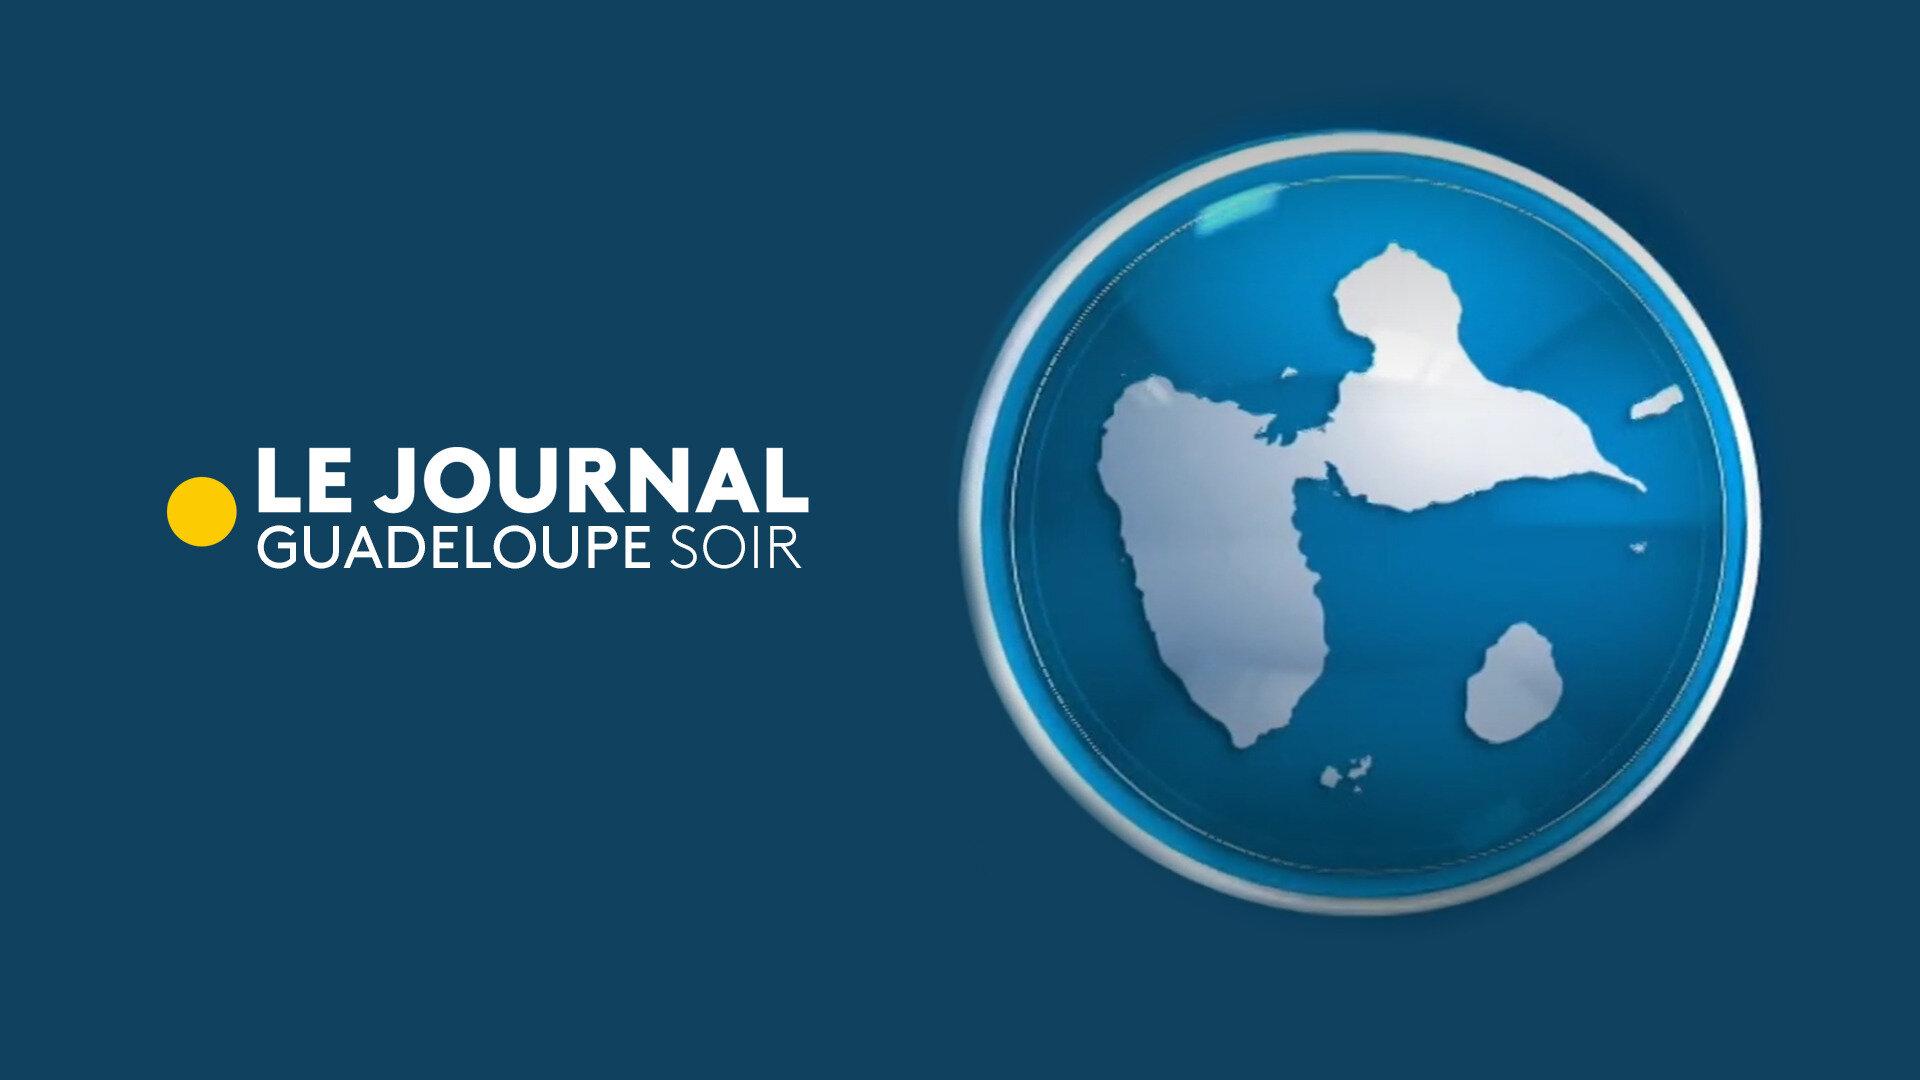 Journal Guadeloupe : Visite de Sébastien Lecornu, Ministre des Outre-Mer